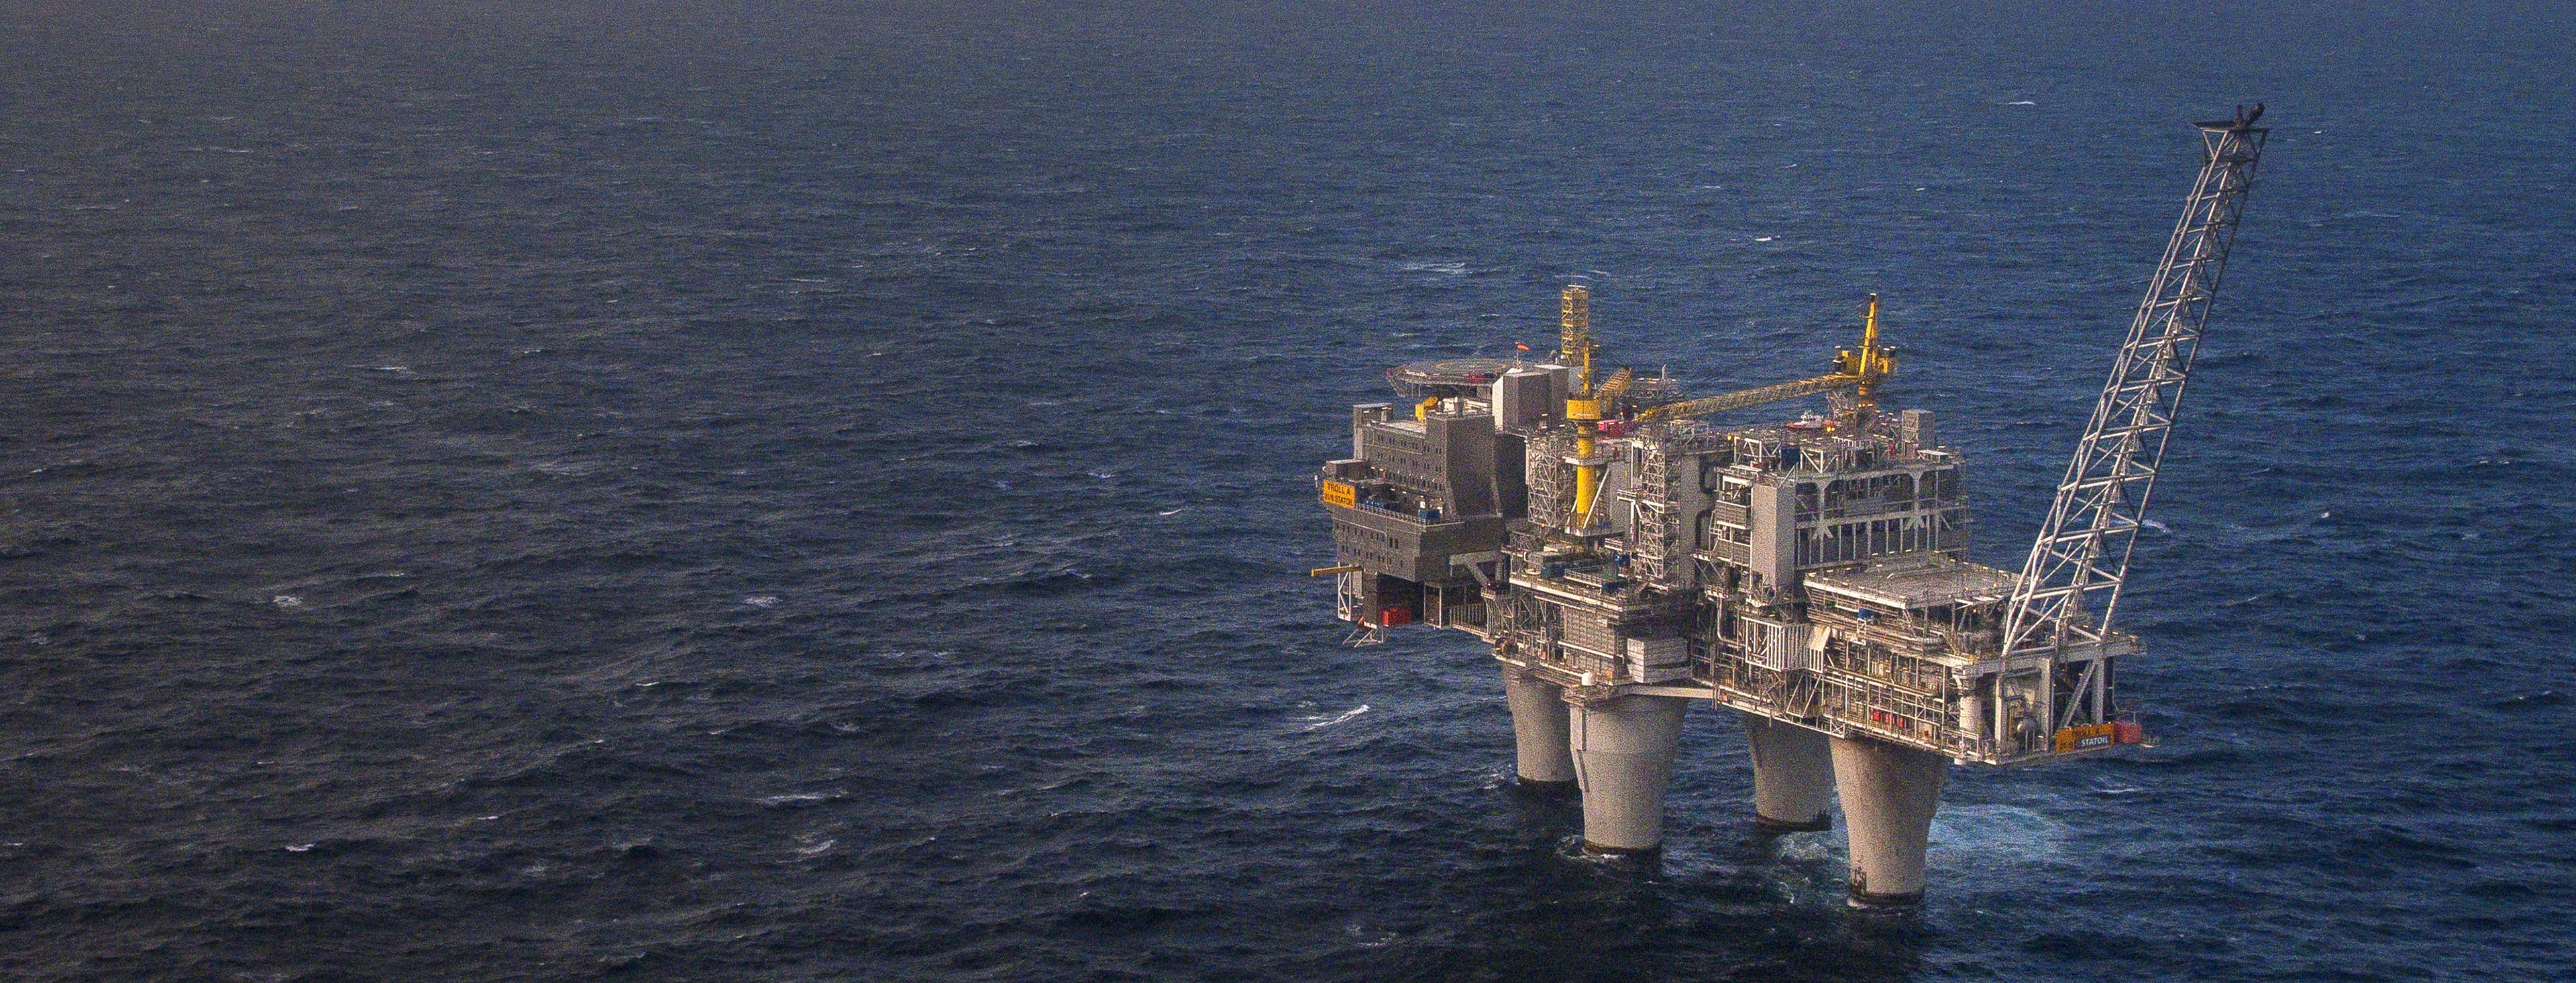 Statoil ASA's Troll A Gas Platform